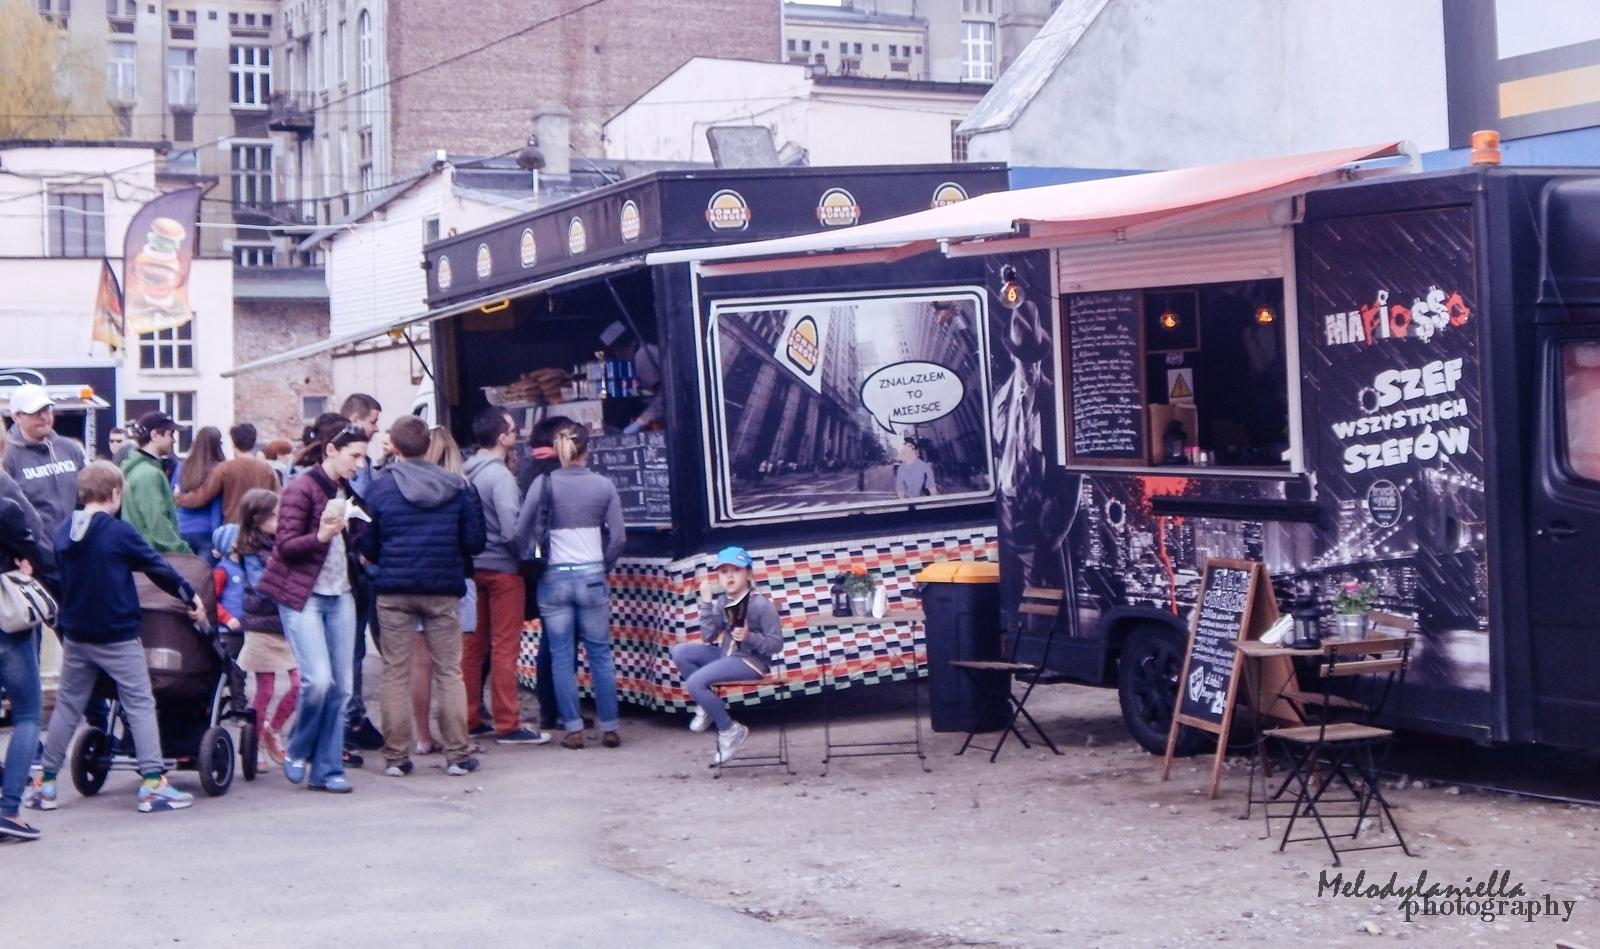 12 street food festival łódź piotrkowska 217 foodtruck jedzenie piwo wino burgery frytki cydr foodtruck